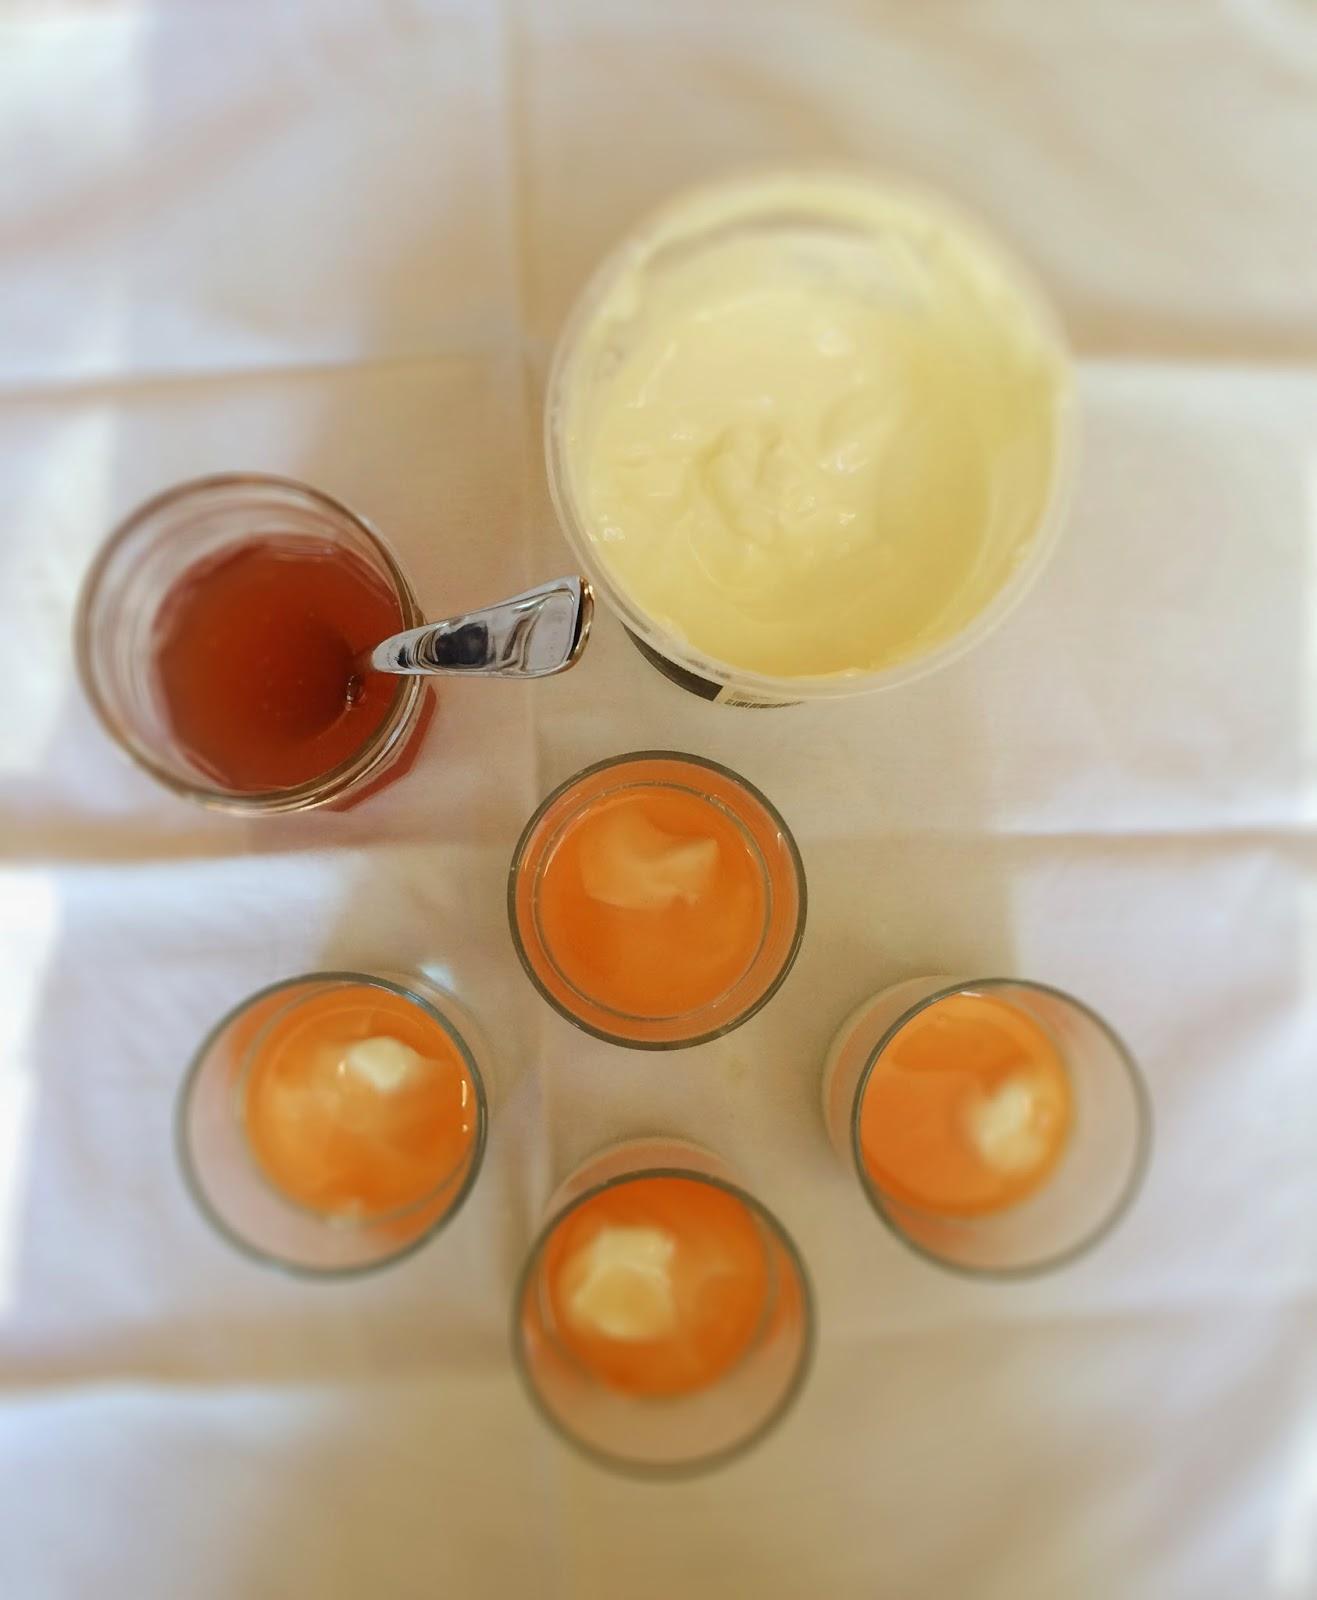 yogurt with quince topping - yogurt con sciroppo di mele cotogne